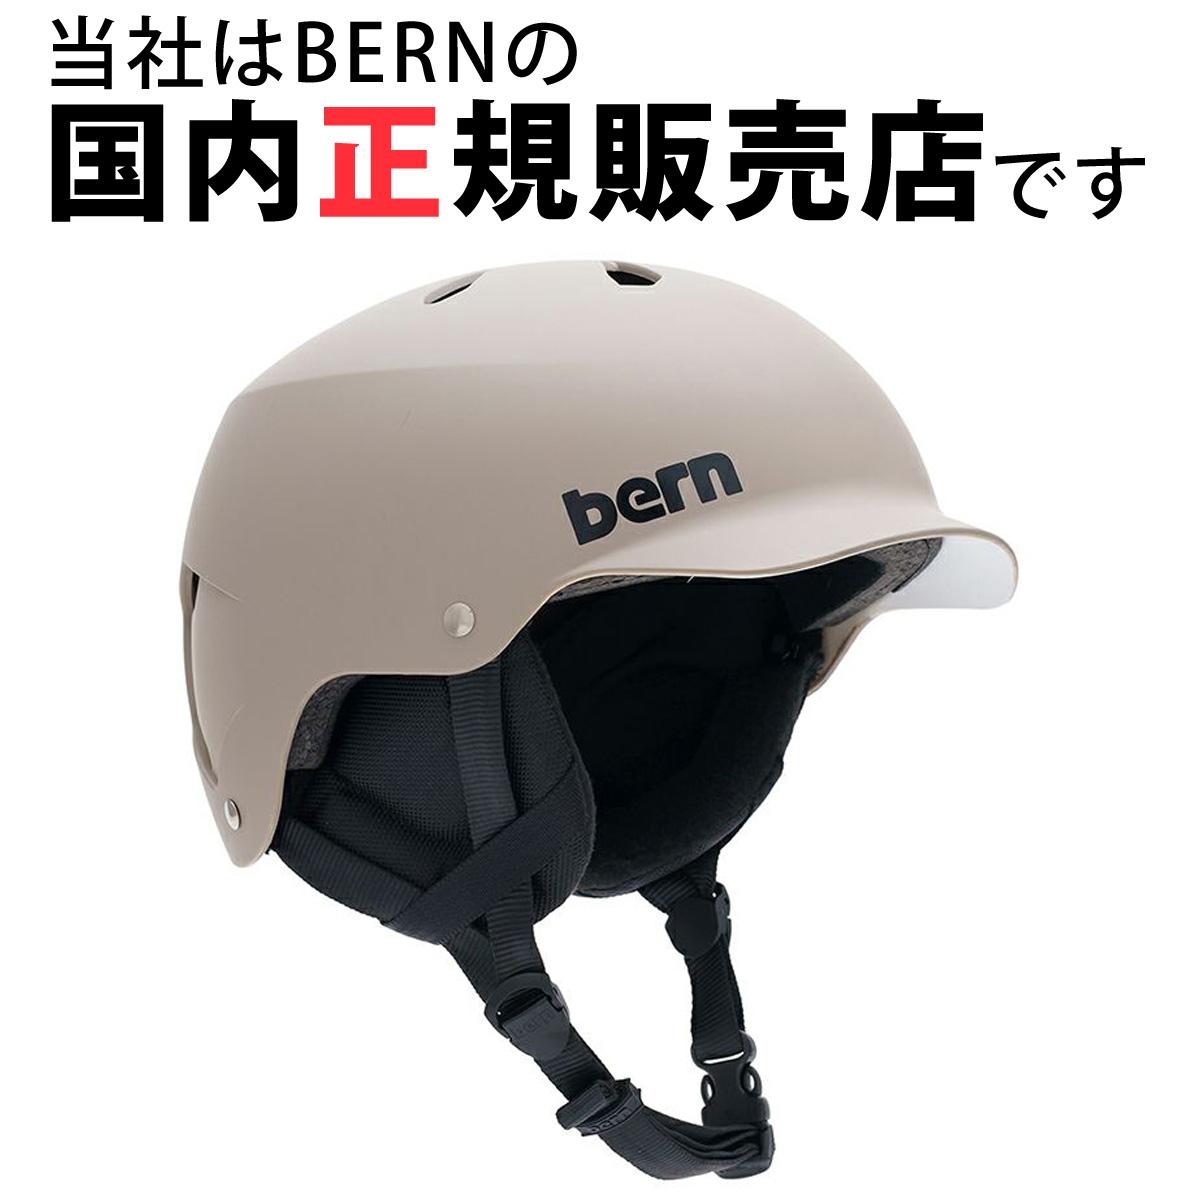 ヘルメット WATTS [ワッツ] HARD HAT MATTE GREY [BLACK PREMIUM LINER] [2017-18モデル] SM25BMGRY 【ジャパンフィット】BERN 国内正規販売店 スキー スノーボード スノボ ウィンタースポーツ BMX 自転車 バイク おしゃれ かっこいい